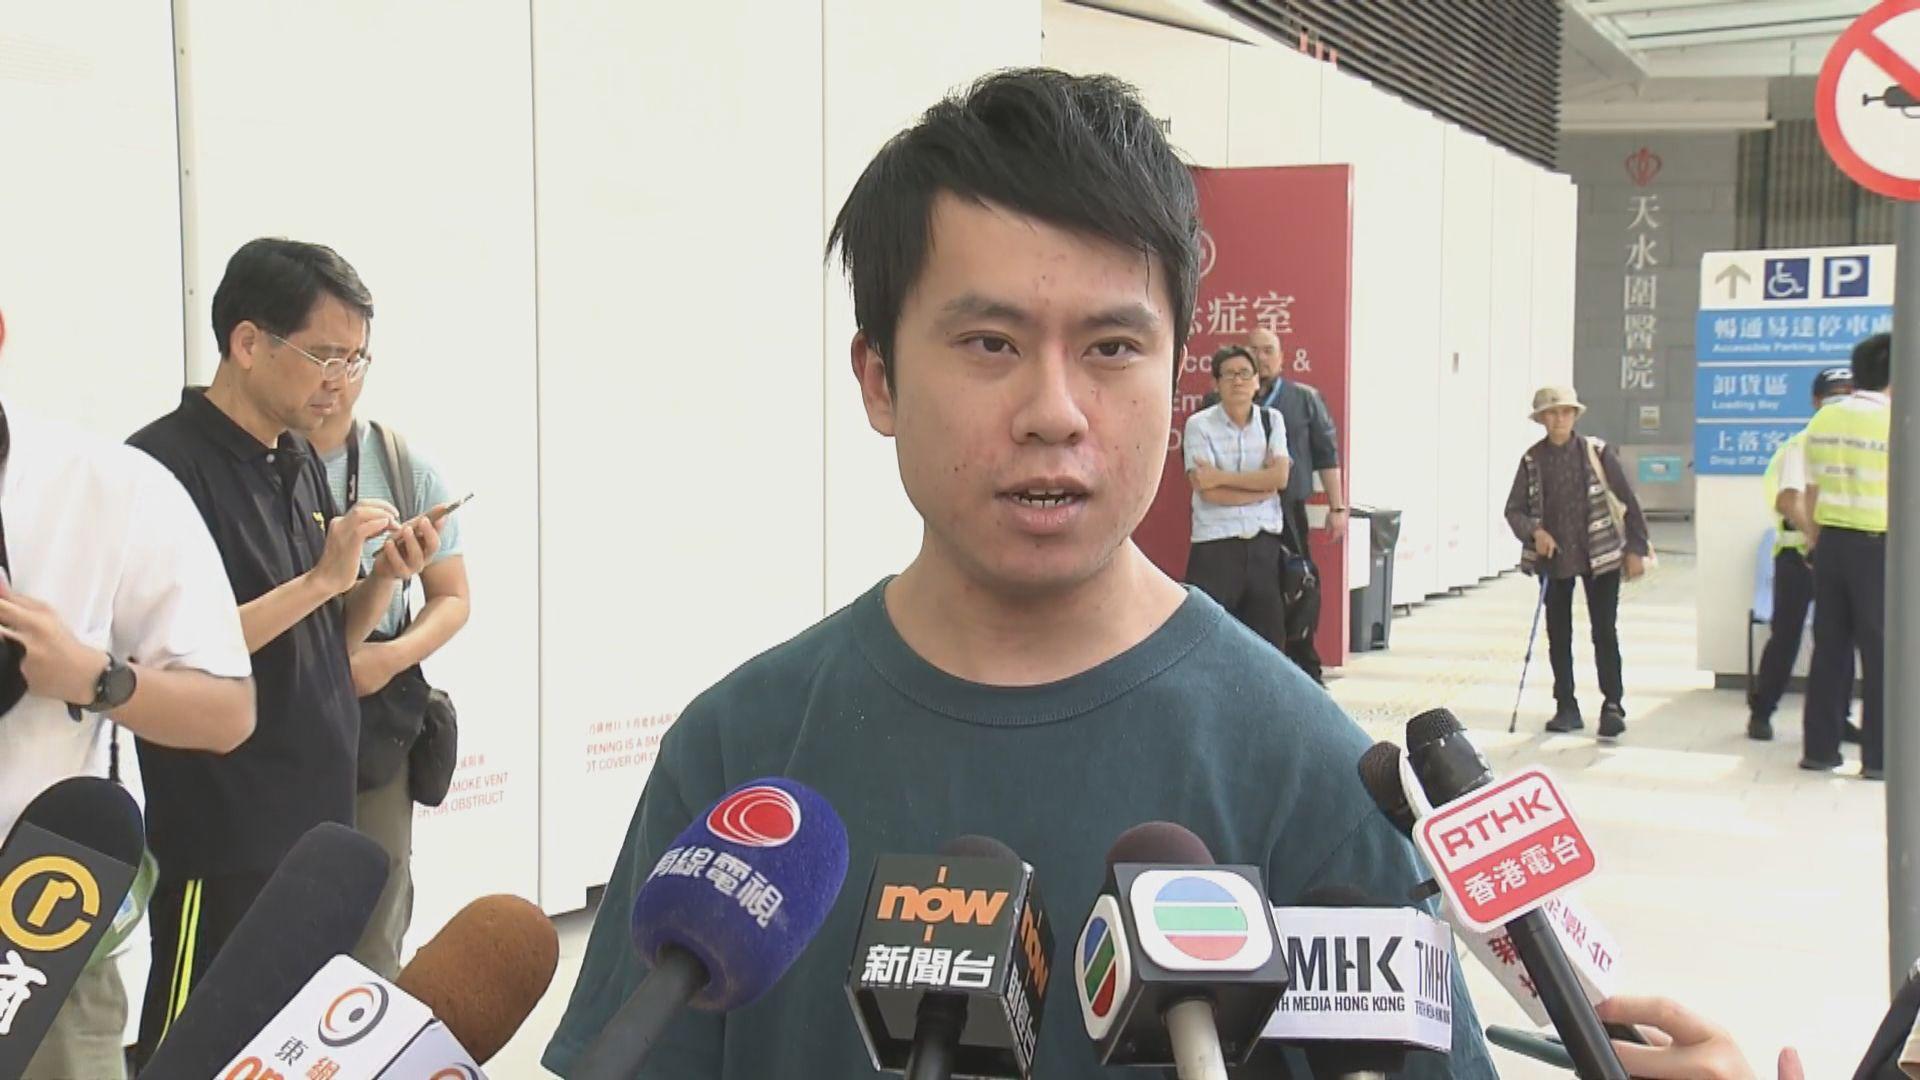 鄺俊宇指被三名男子圍毆 整個過程約一分鐘